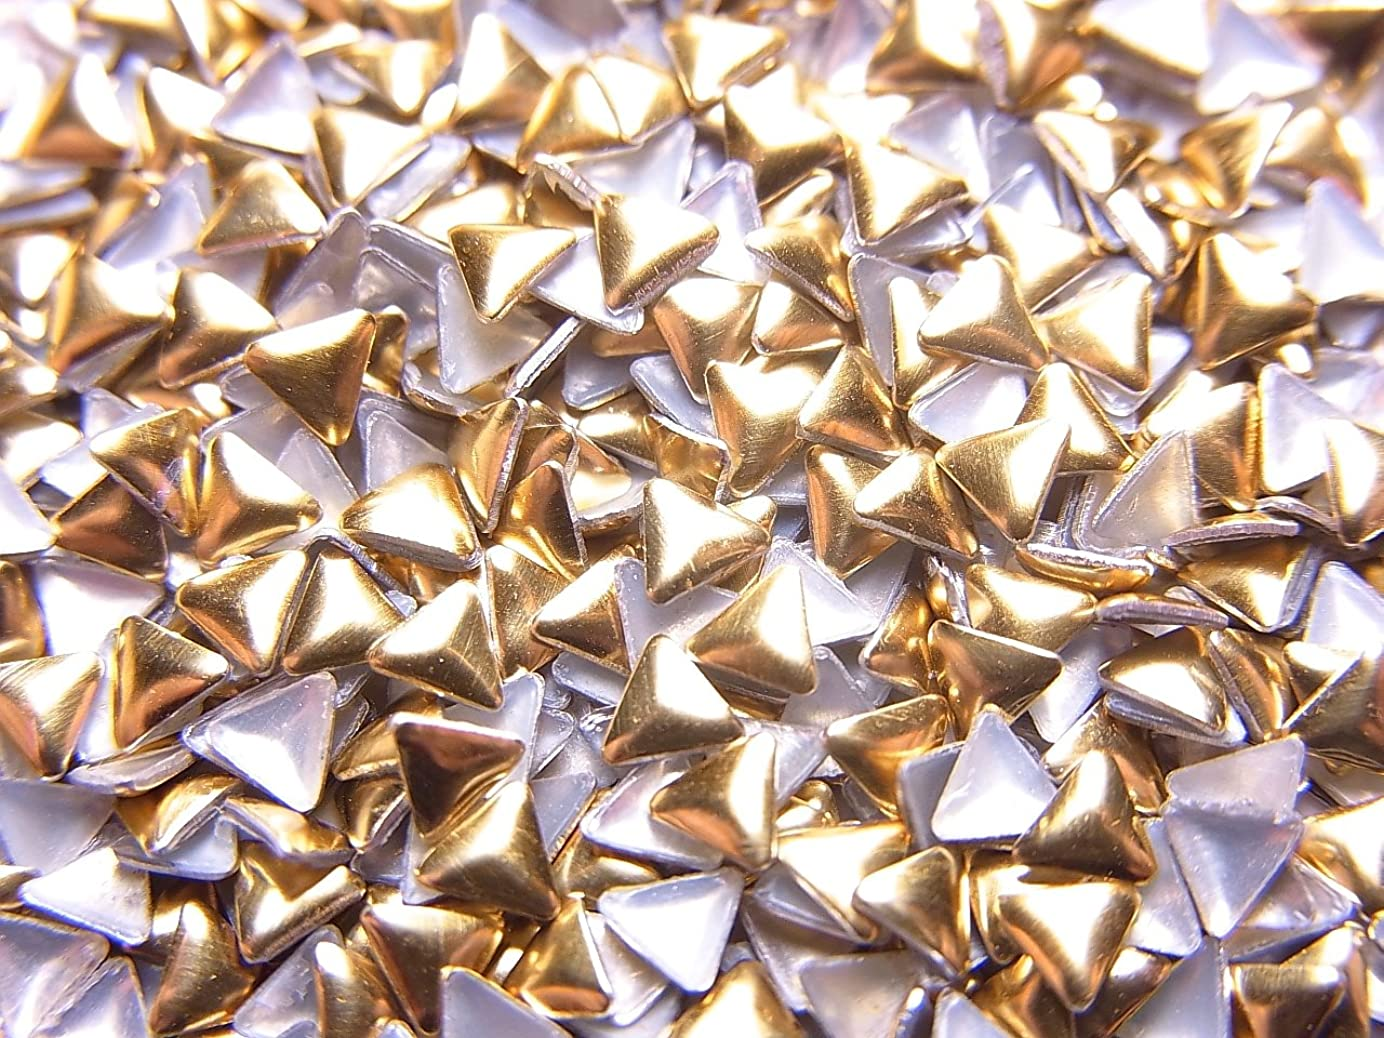 マーキング害特権【jewel】メタルスタッズ 多種類 ゴールドorシルバー 各サイズ 選択可能 (三角形(トライアングル) 3mm, ゴールド)